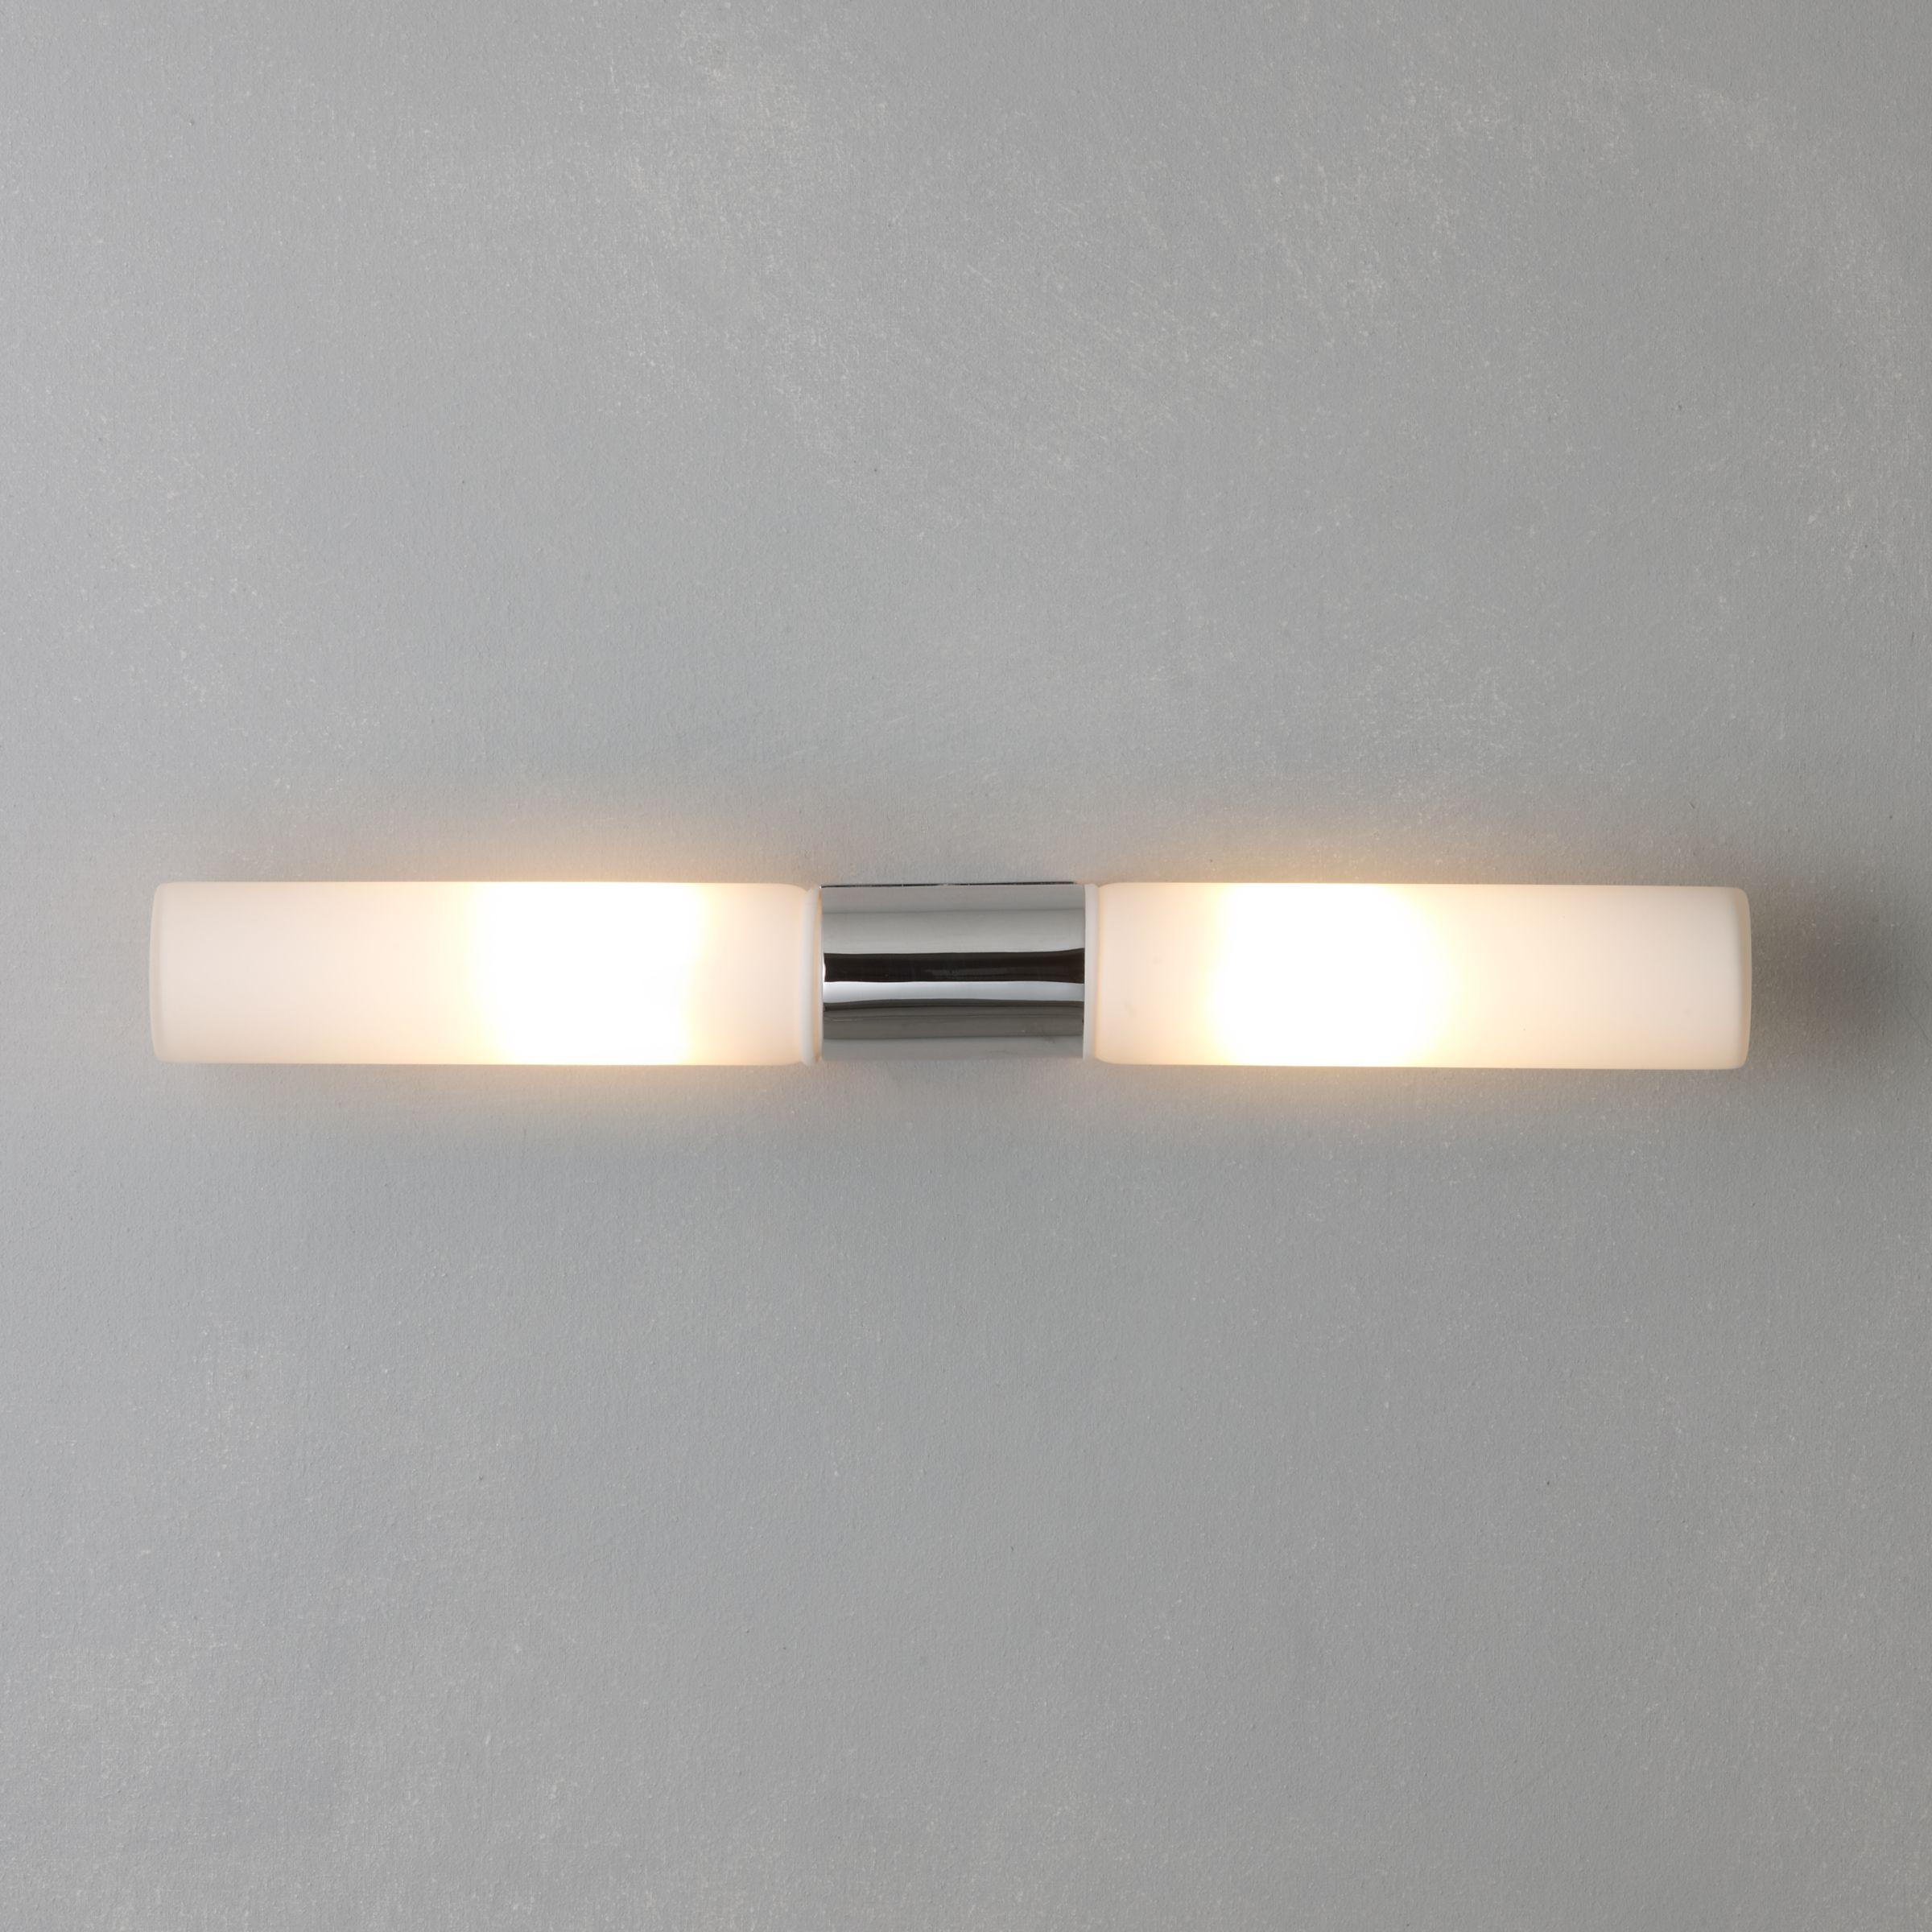 30 Original Bathroom Lighting Over Round Mirror eyagcicom